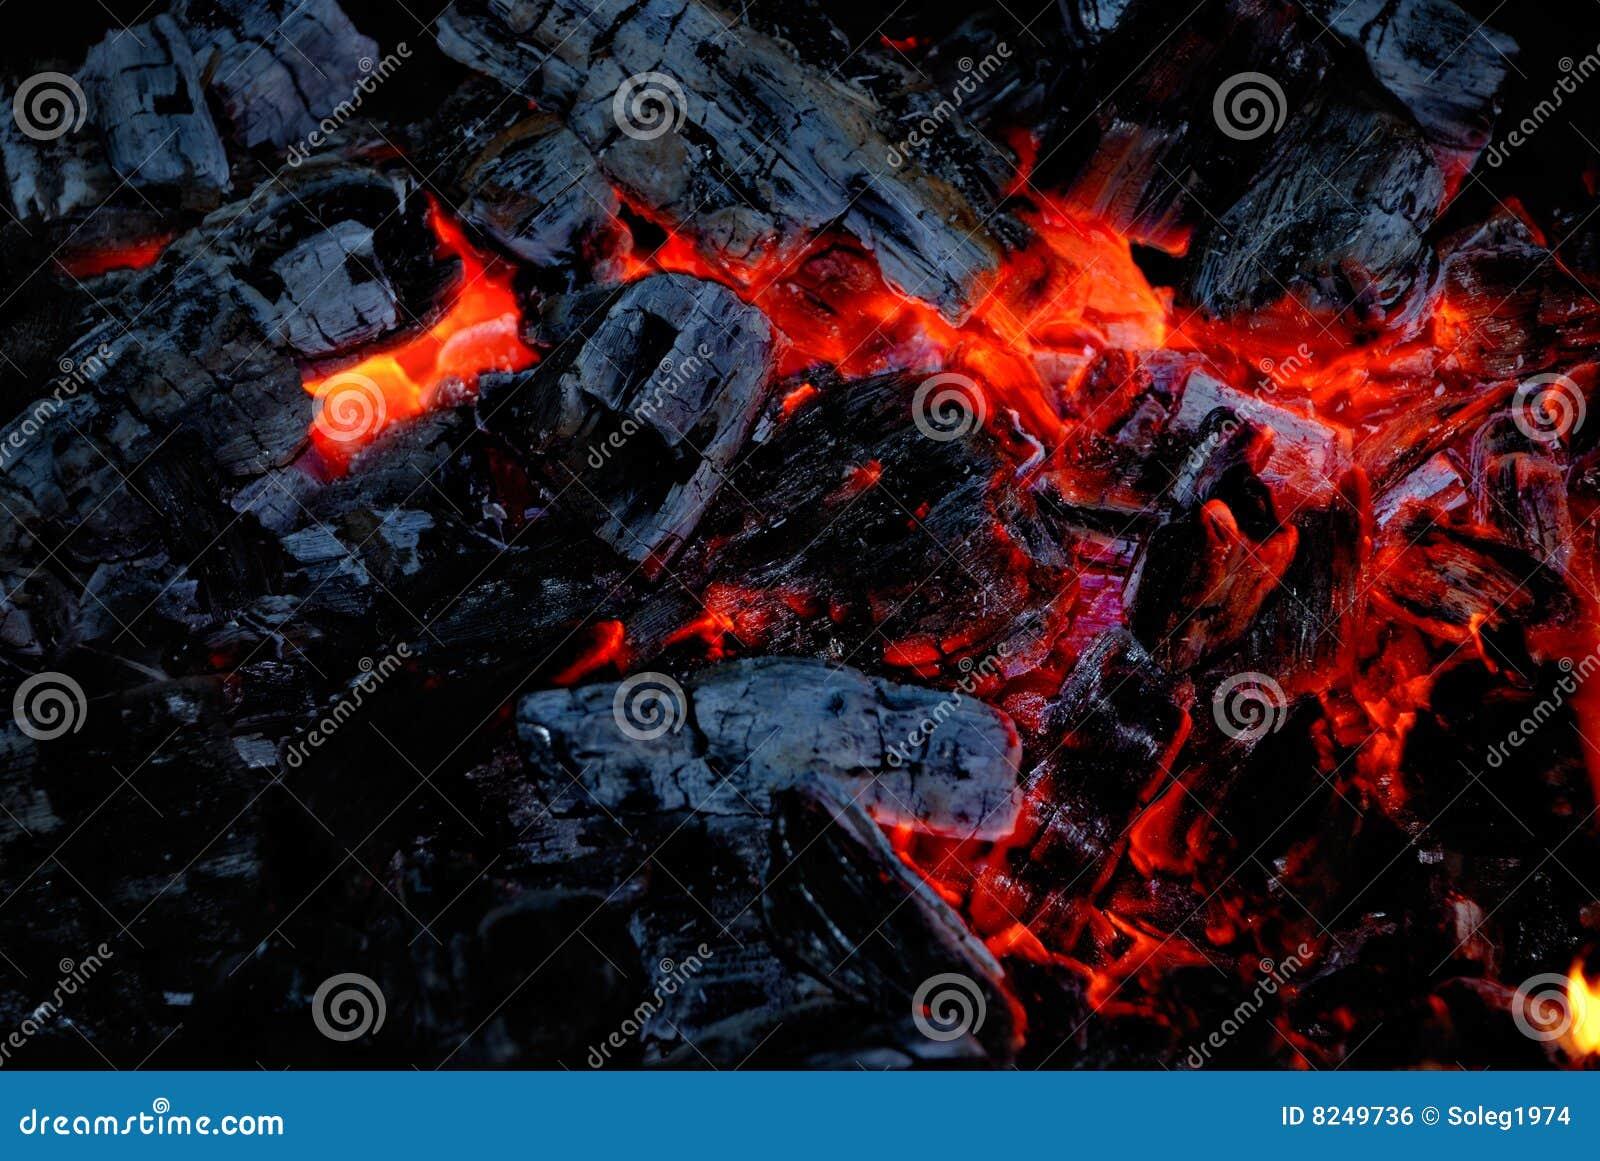 Die hölzerne Kohle brennt auf Feuer